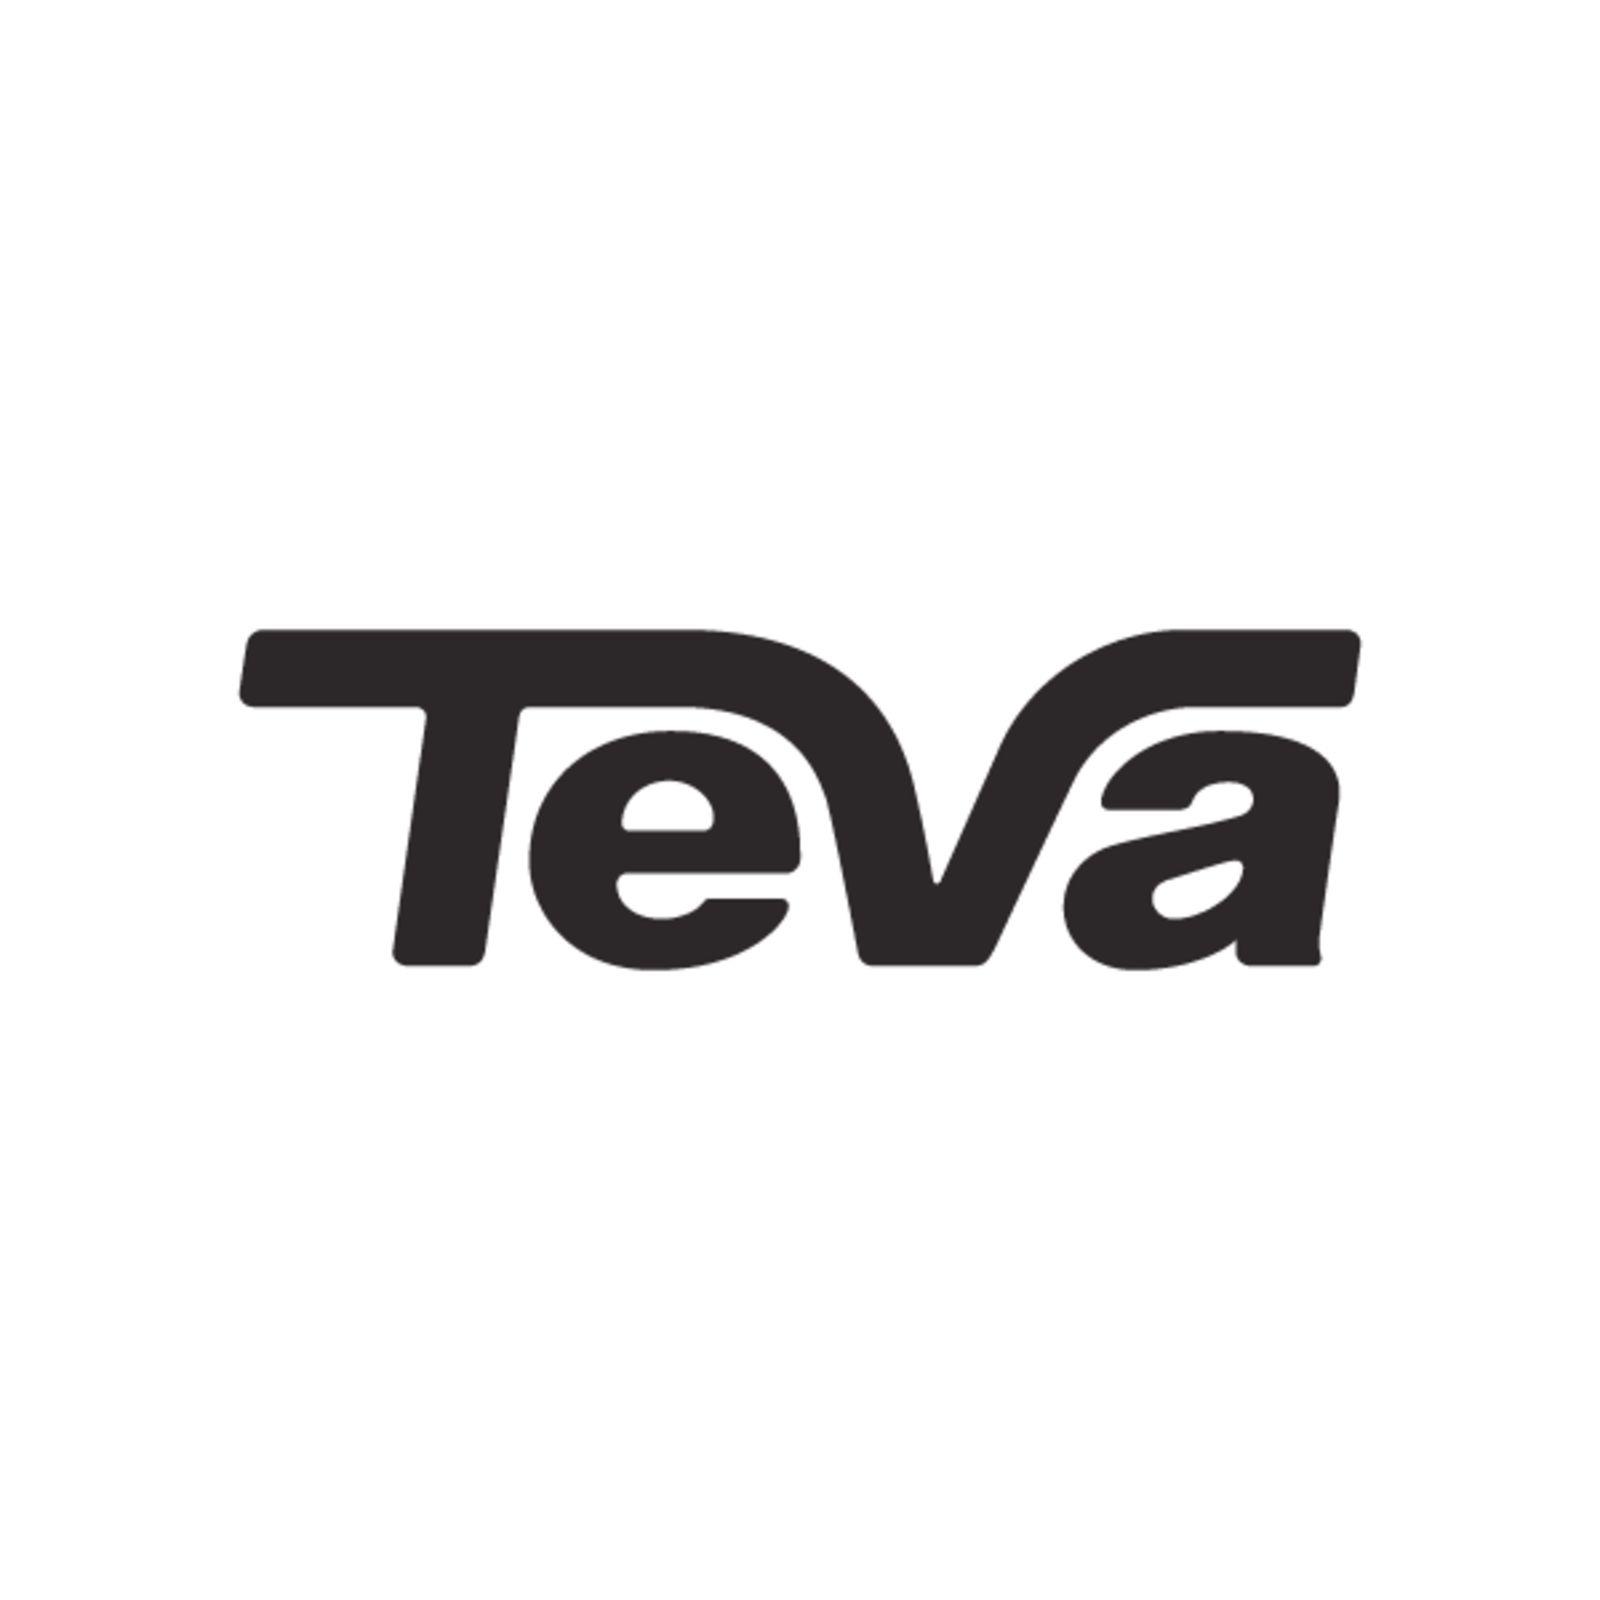 Teva® (Bild 1)